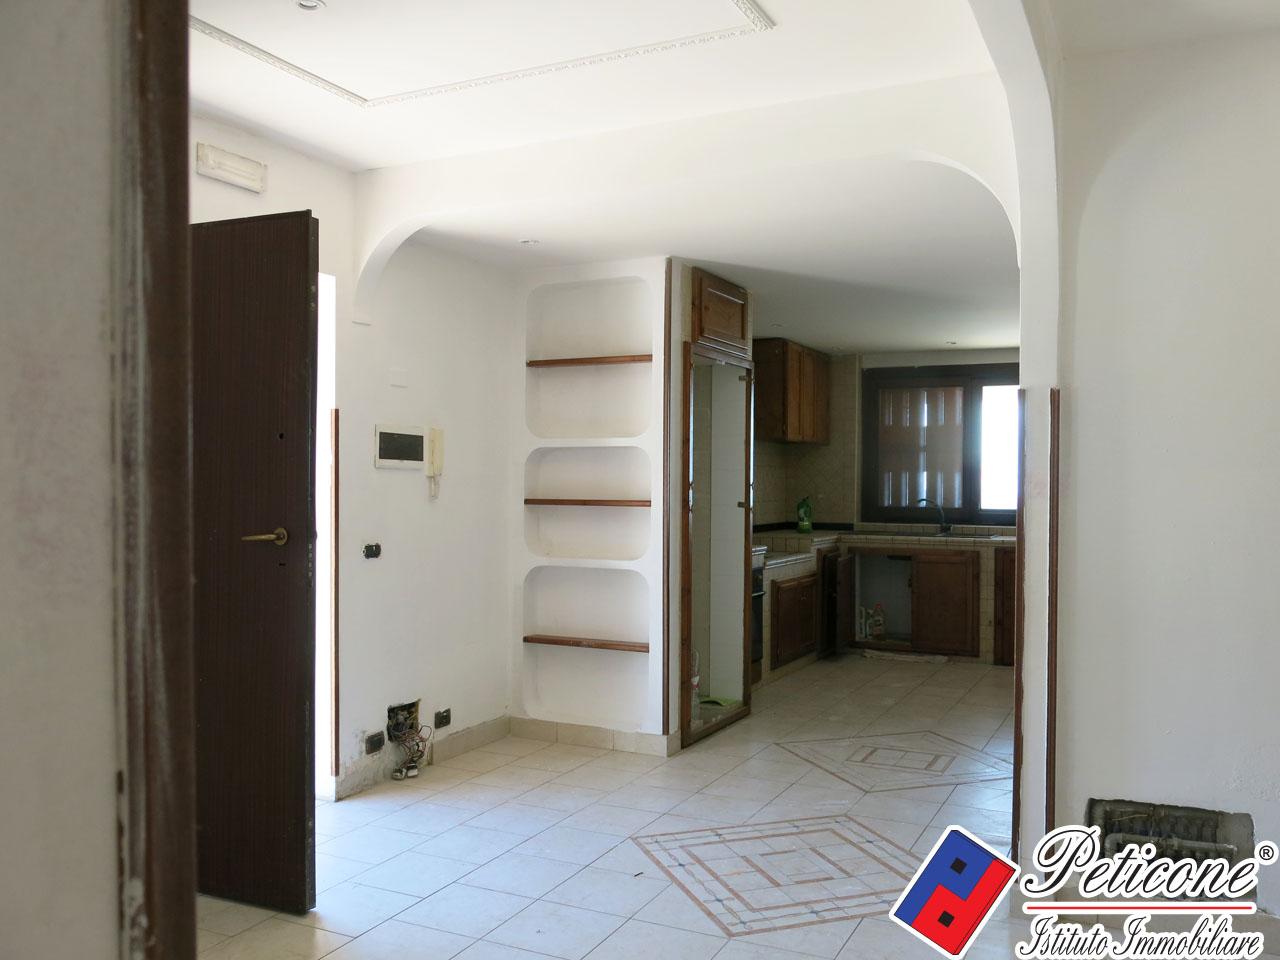 Villa in Vendita a Formia: 4 locali, 90 mq - Foto 5